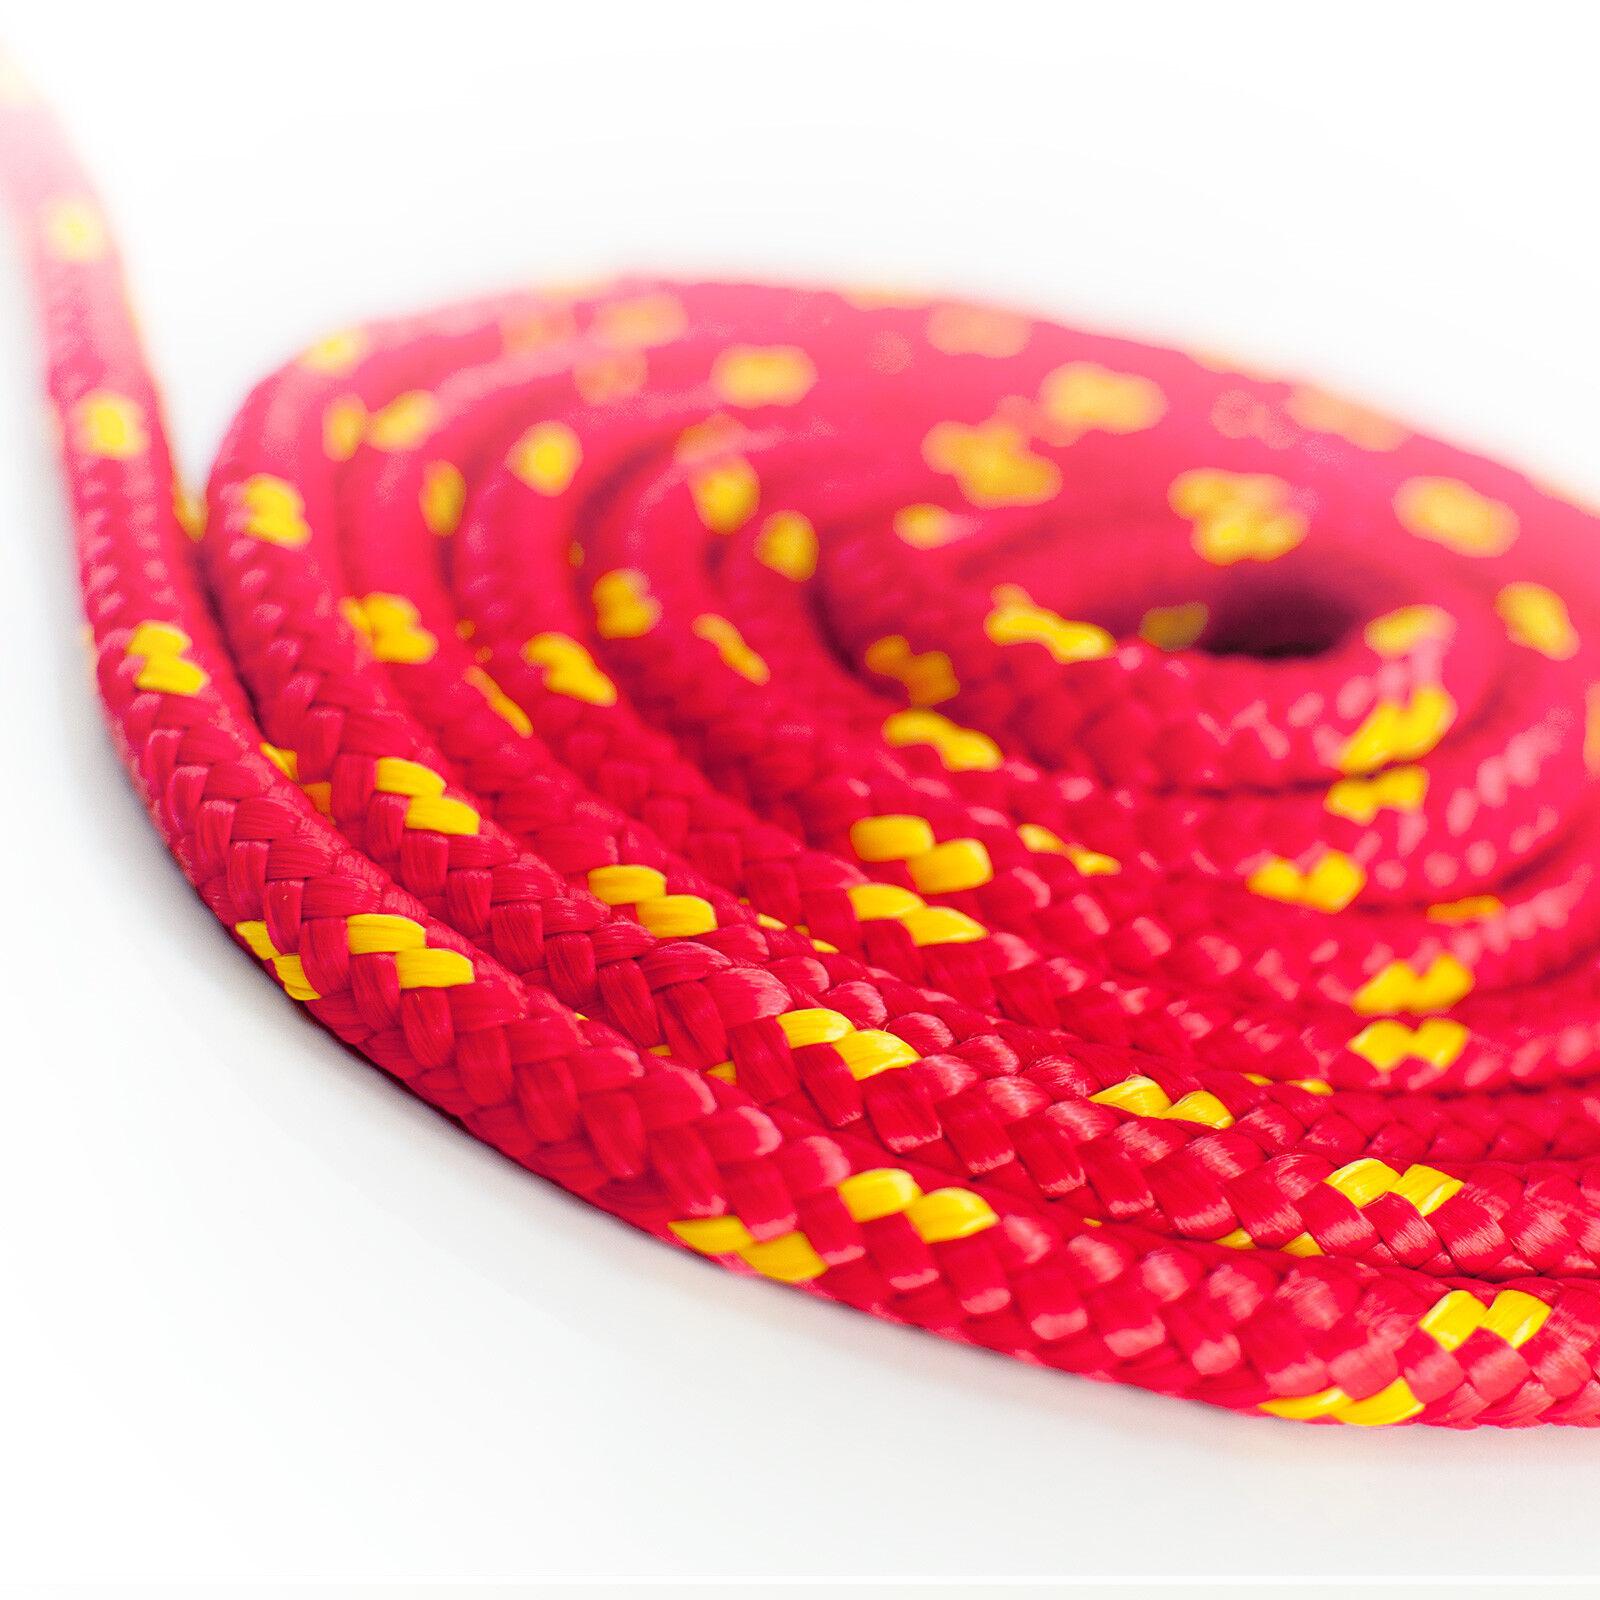 Polypropylenseil 10m – 200m ROT ROT ROT Polypropylen Seil Festmacher Seile Flechtleine 616c60